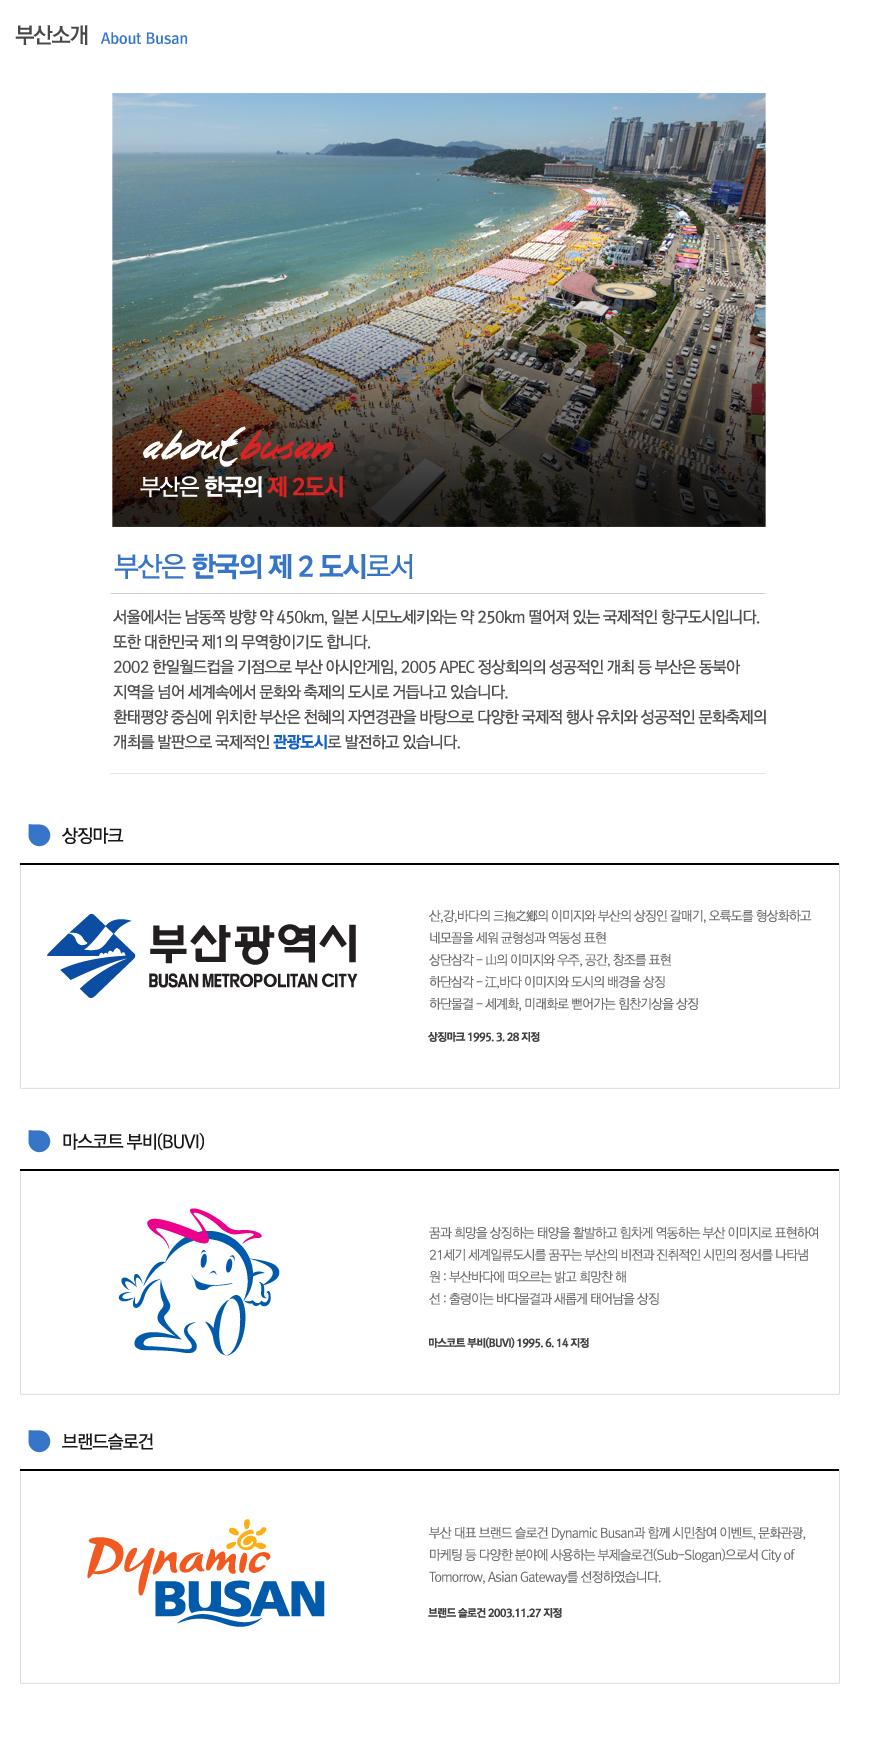 부산소개.jpg